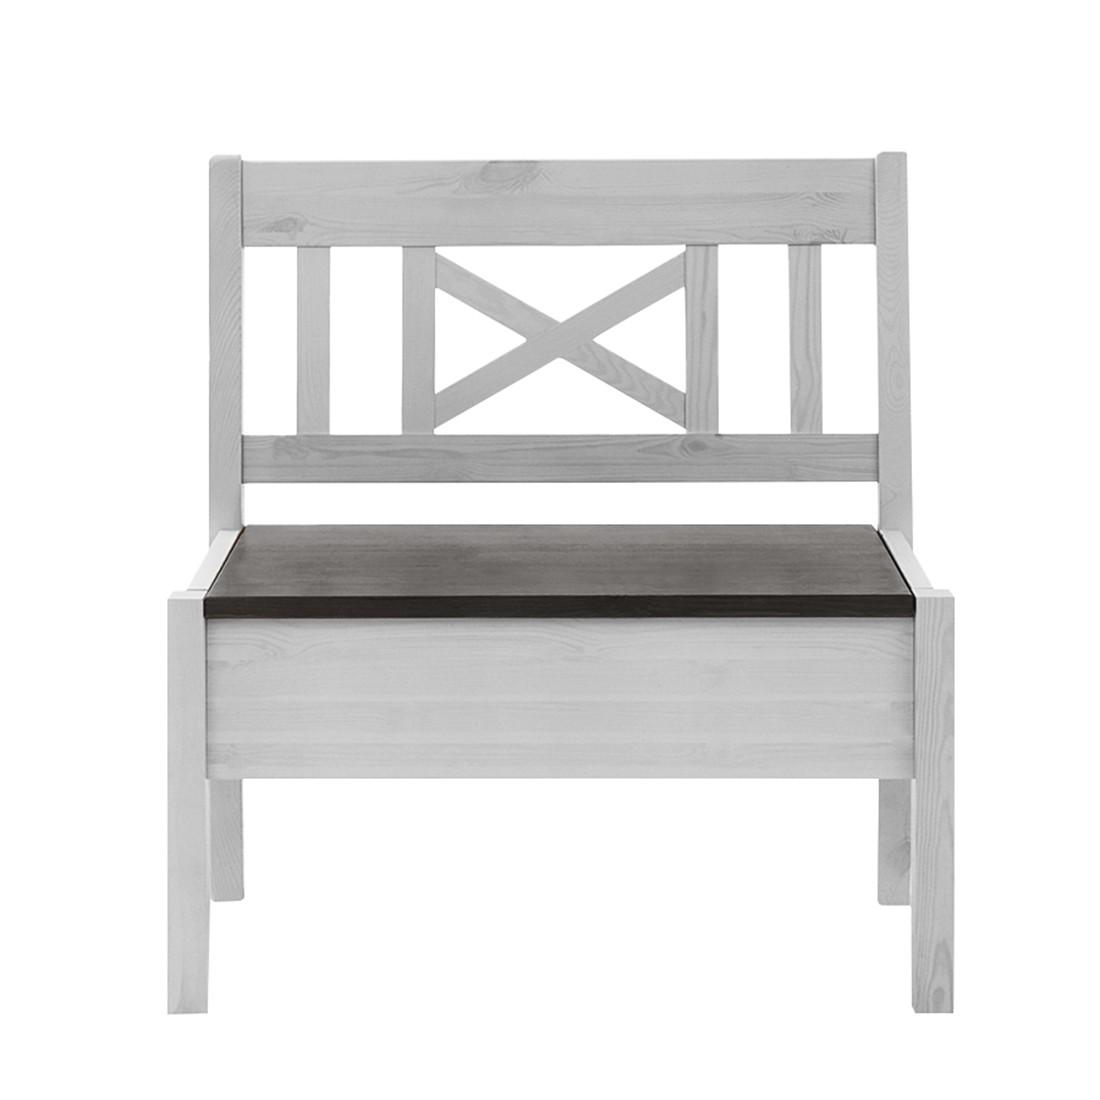 massiv sitzbank preisvergleich die besten angebote online kaufen. Black Bedroom Furniture Sets. Home Design Ideas